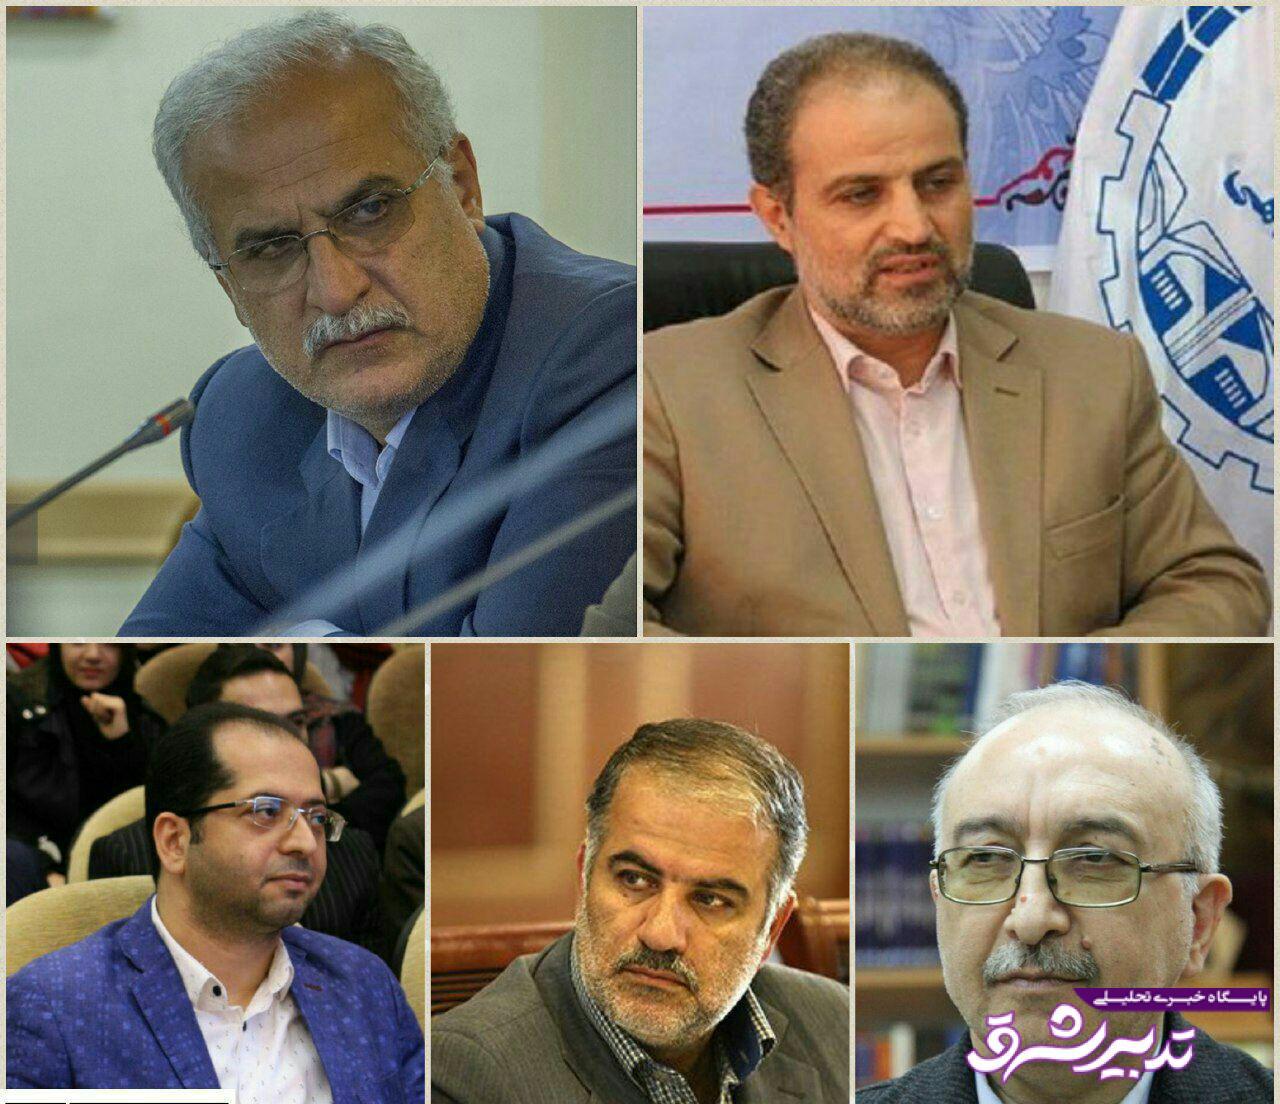 تصویر از همه گزینه های معاونت عمرانی استانداری گیلان؟!